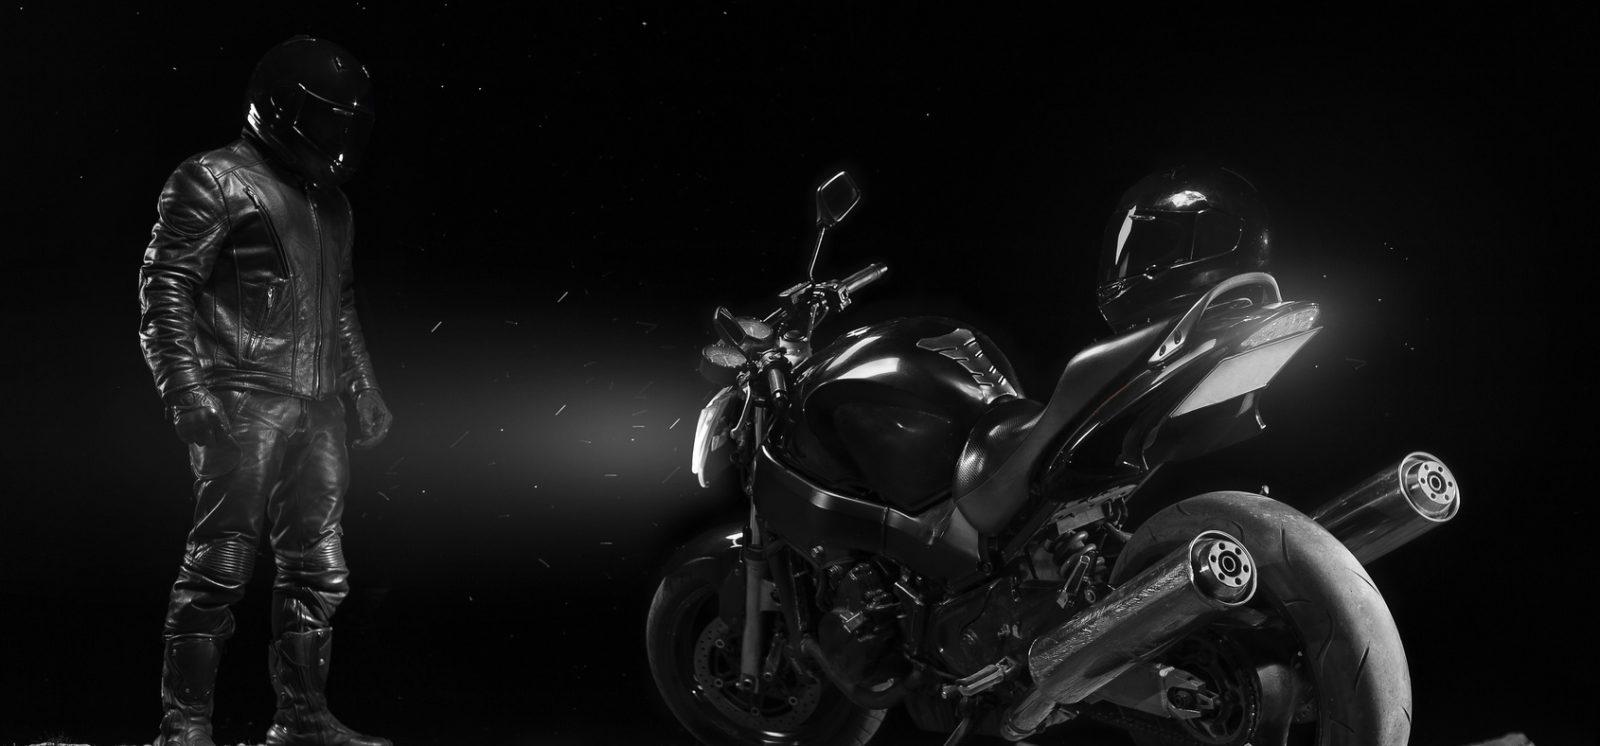 Wygodnie czy bezpiecznie czyli słów kilka o modzie motocyklowej